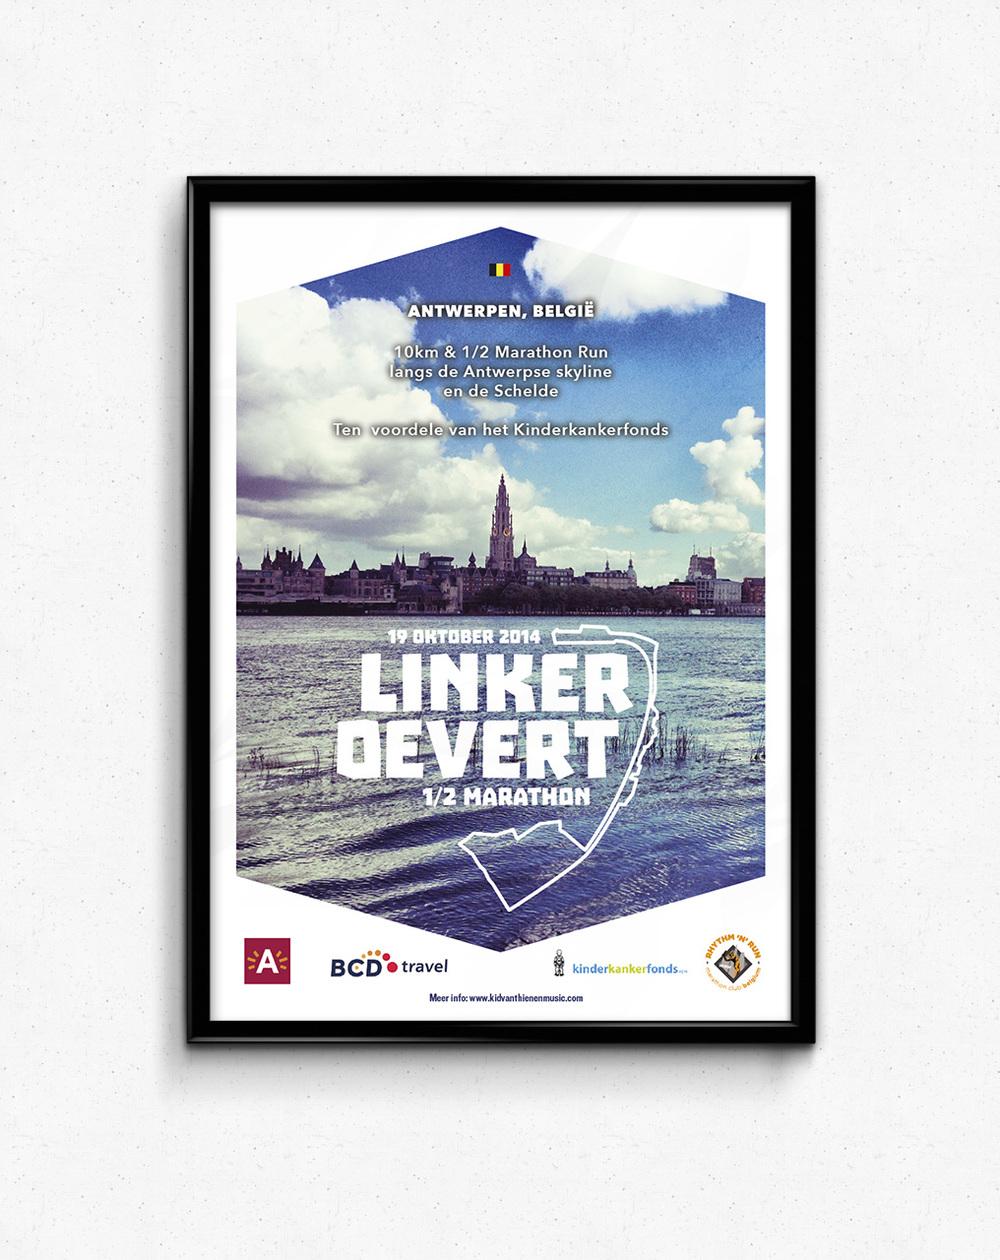 Linker Oevert 2014 Flyer